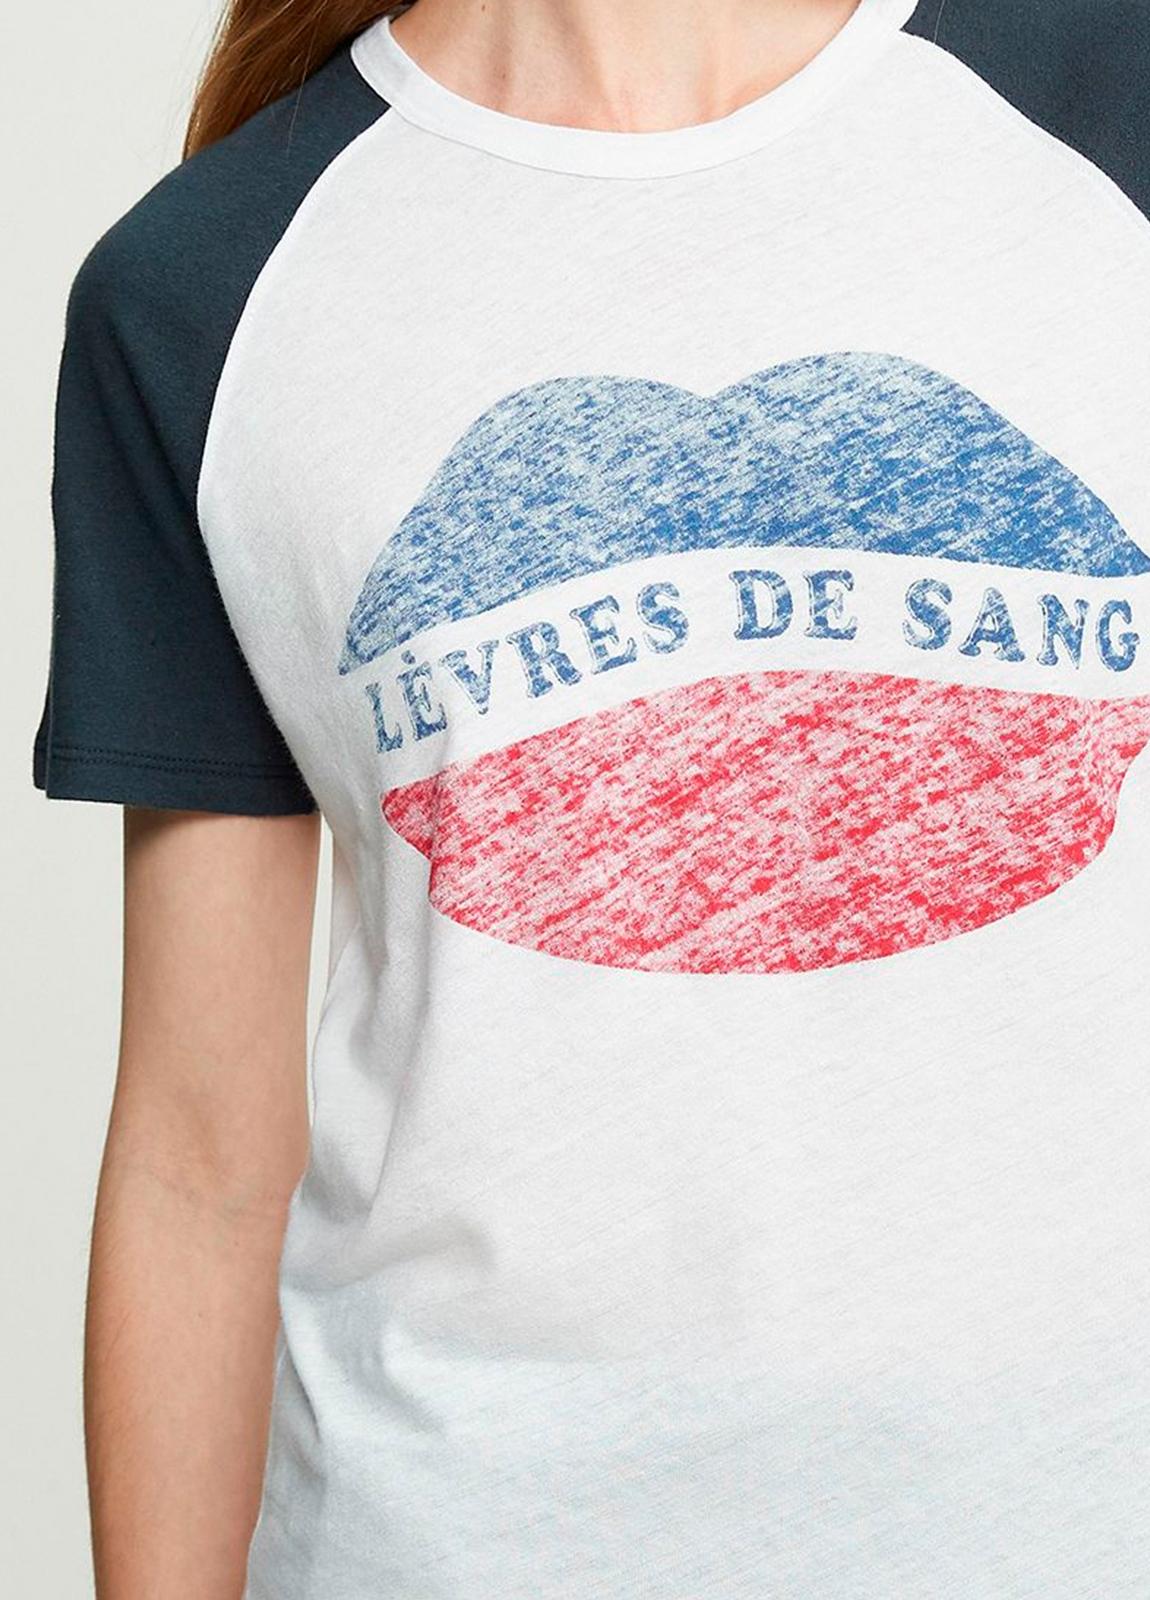 Camiseta manga corta color blanco con estampado gráfico. 80% Algodón 20% Lino. - Ítem1